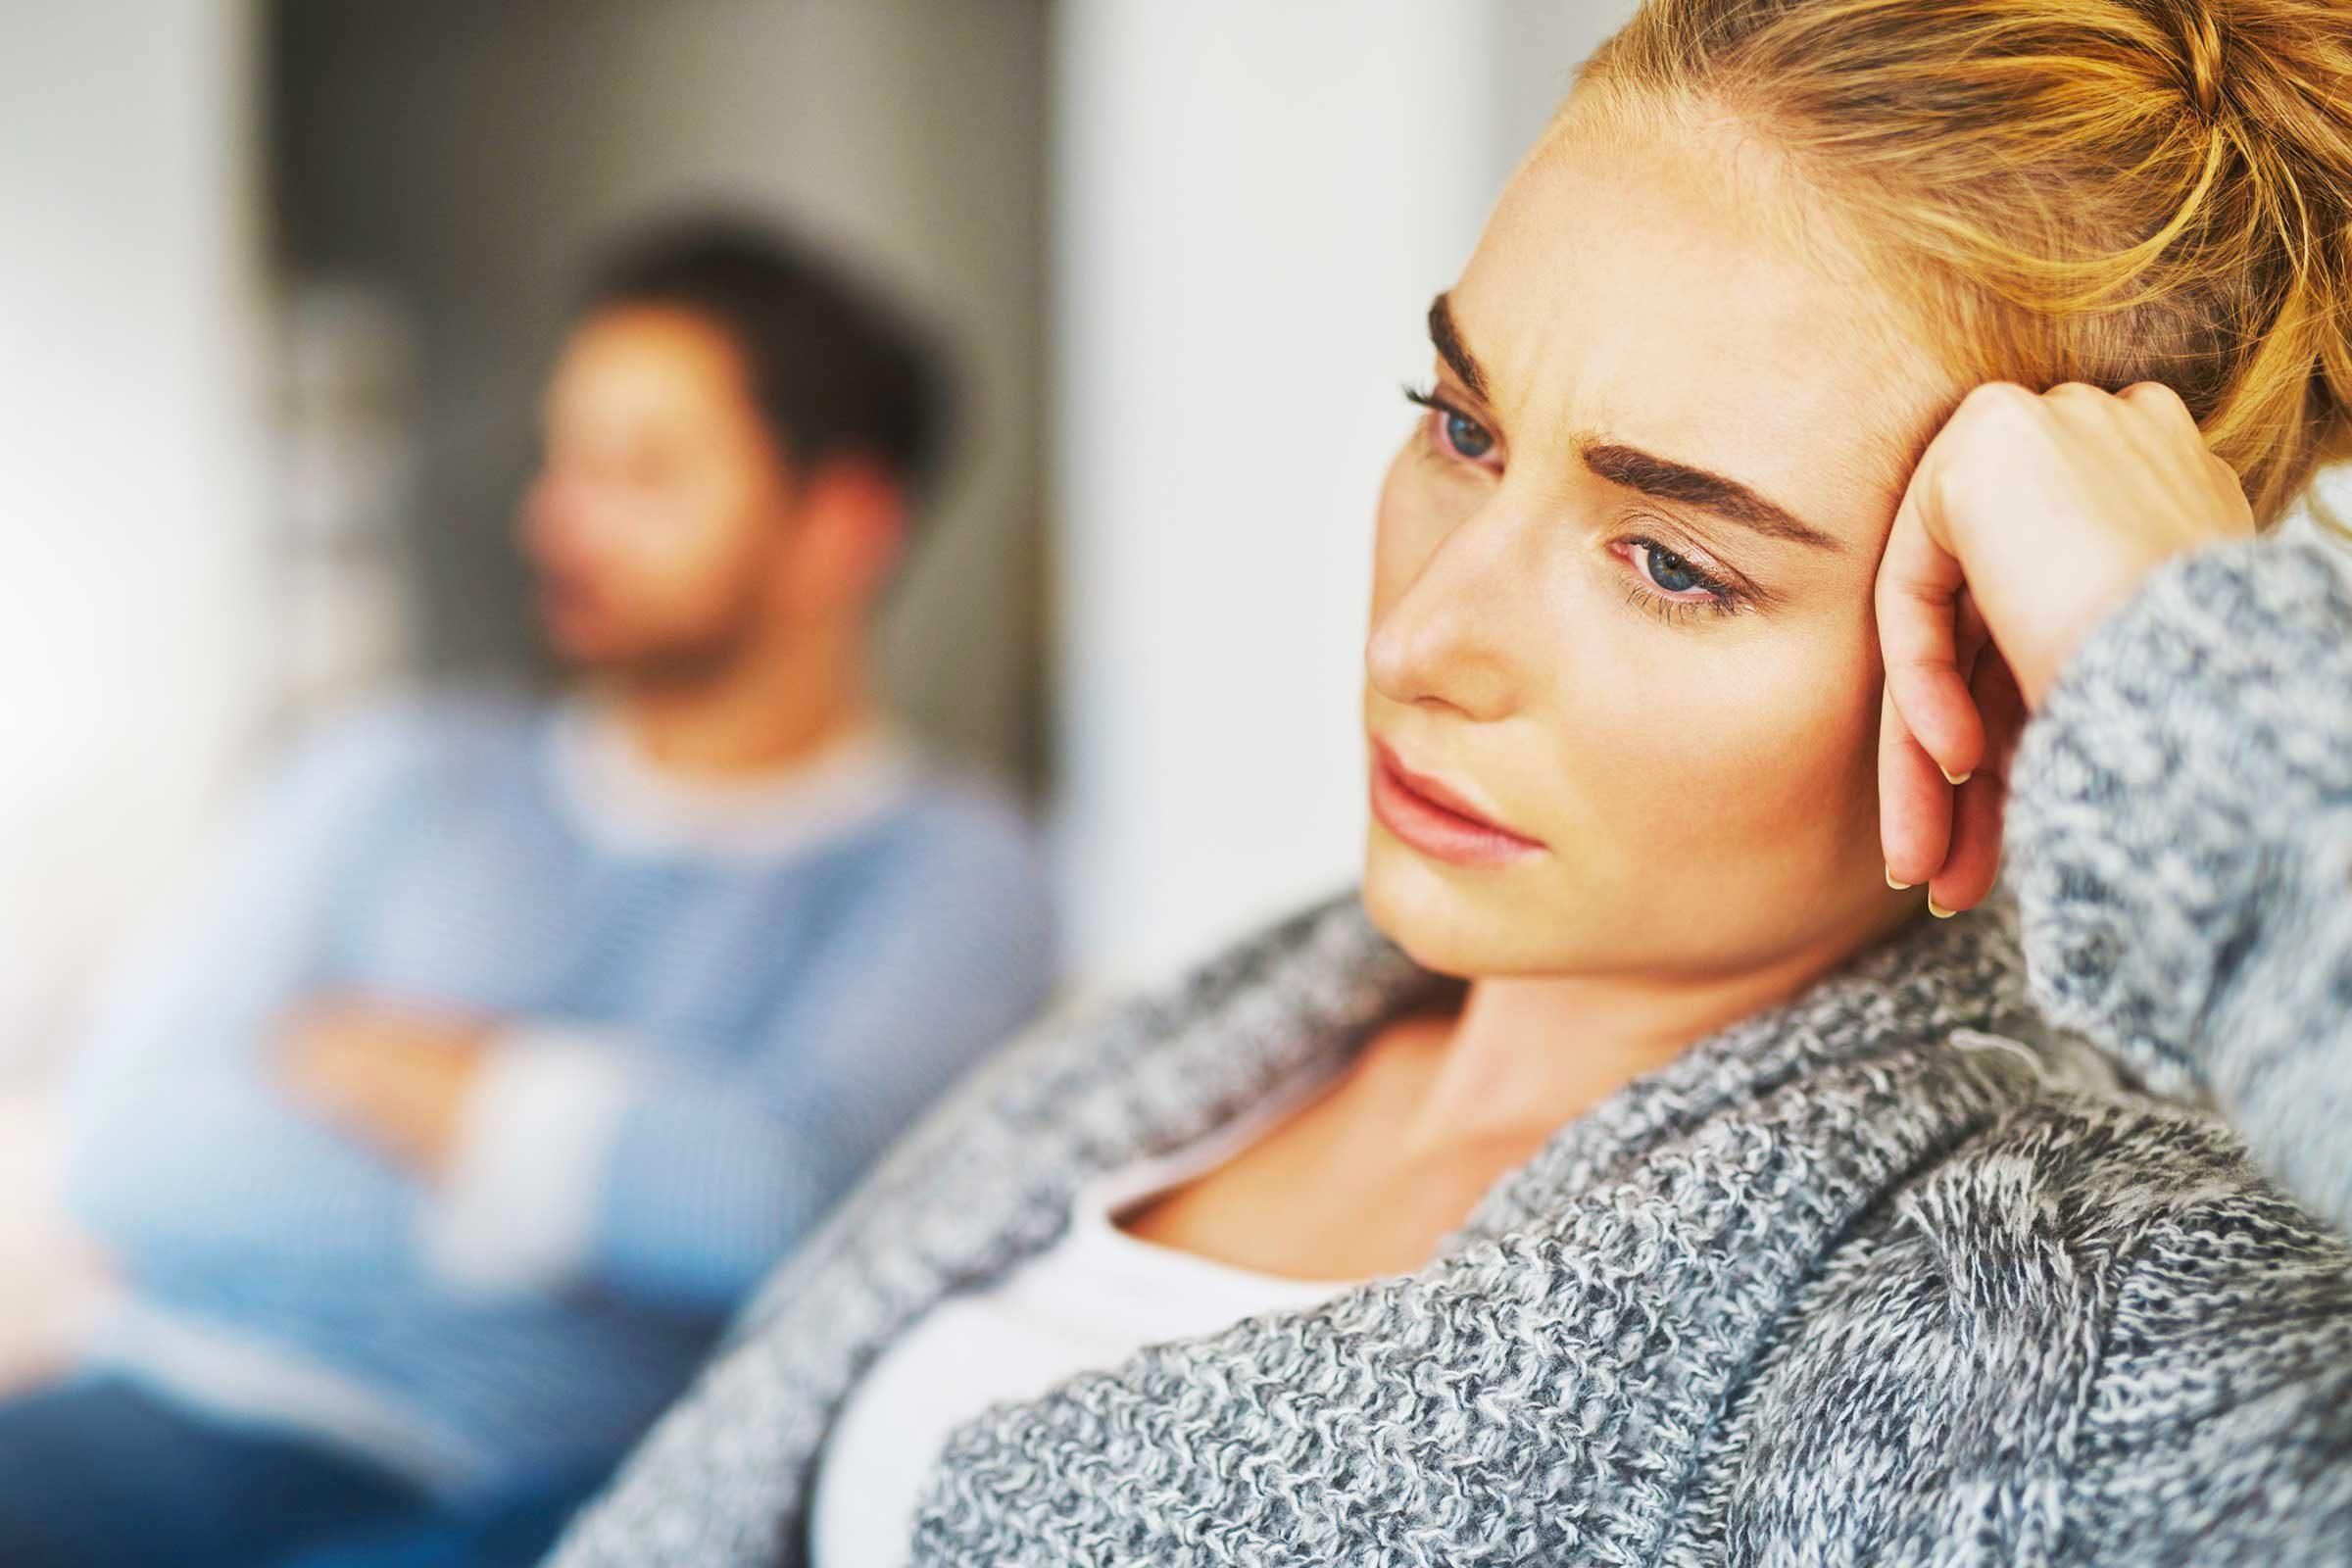 Profiter des bienfaits de la colère : ravaler sa colère est nocif.